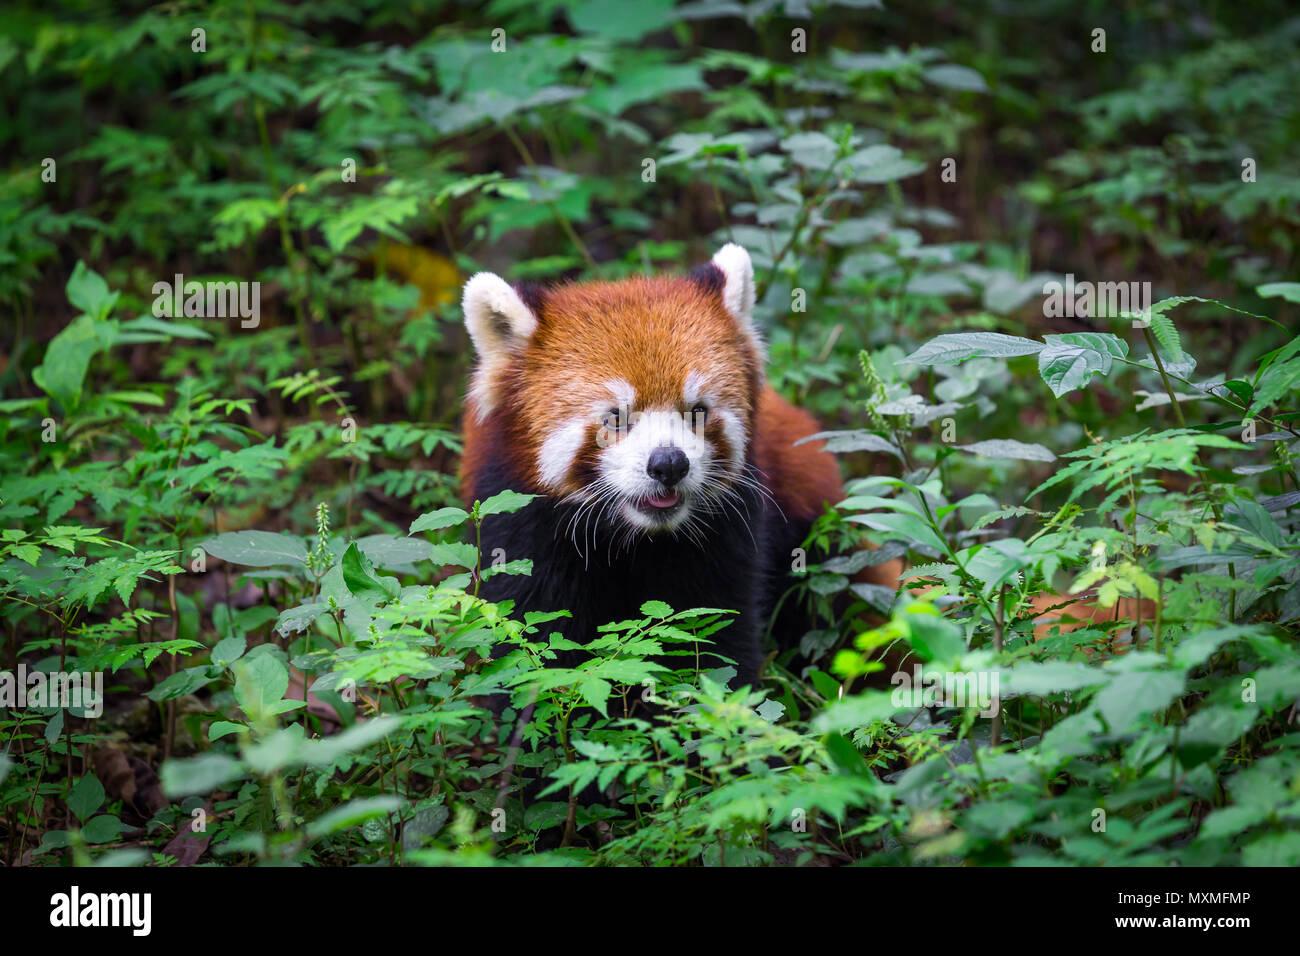 Portrait d'un adorable petit panda , Ailurus fulgens , fire fox entouré de plantes dans la forêt Photo Stock